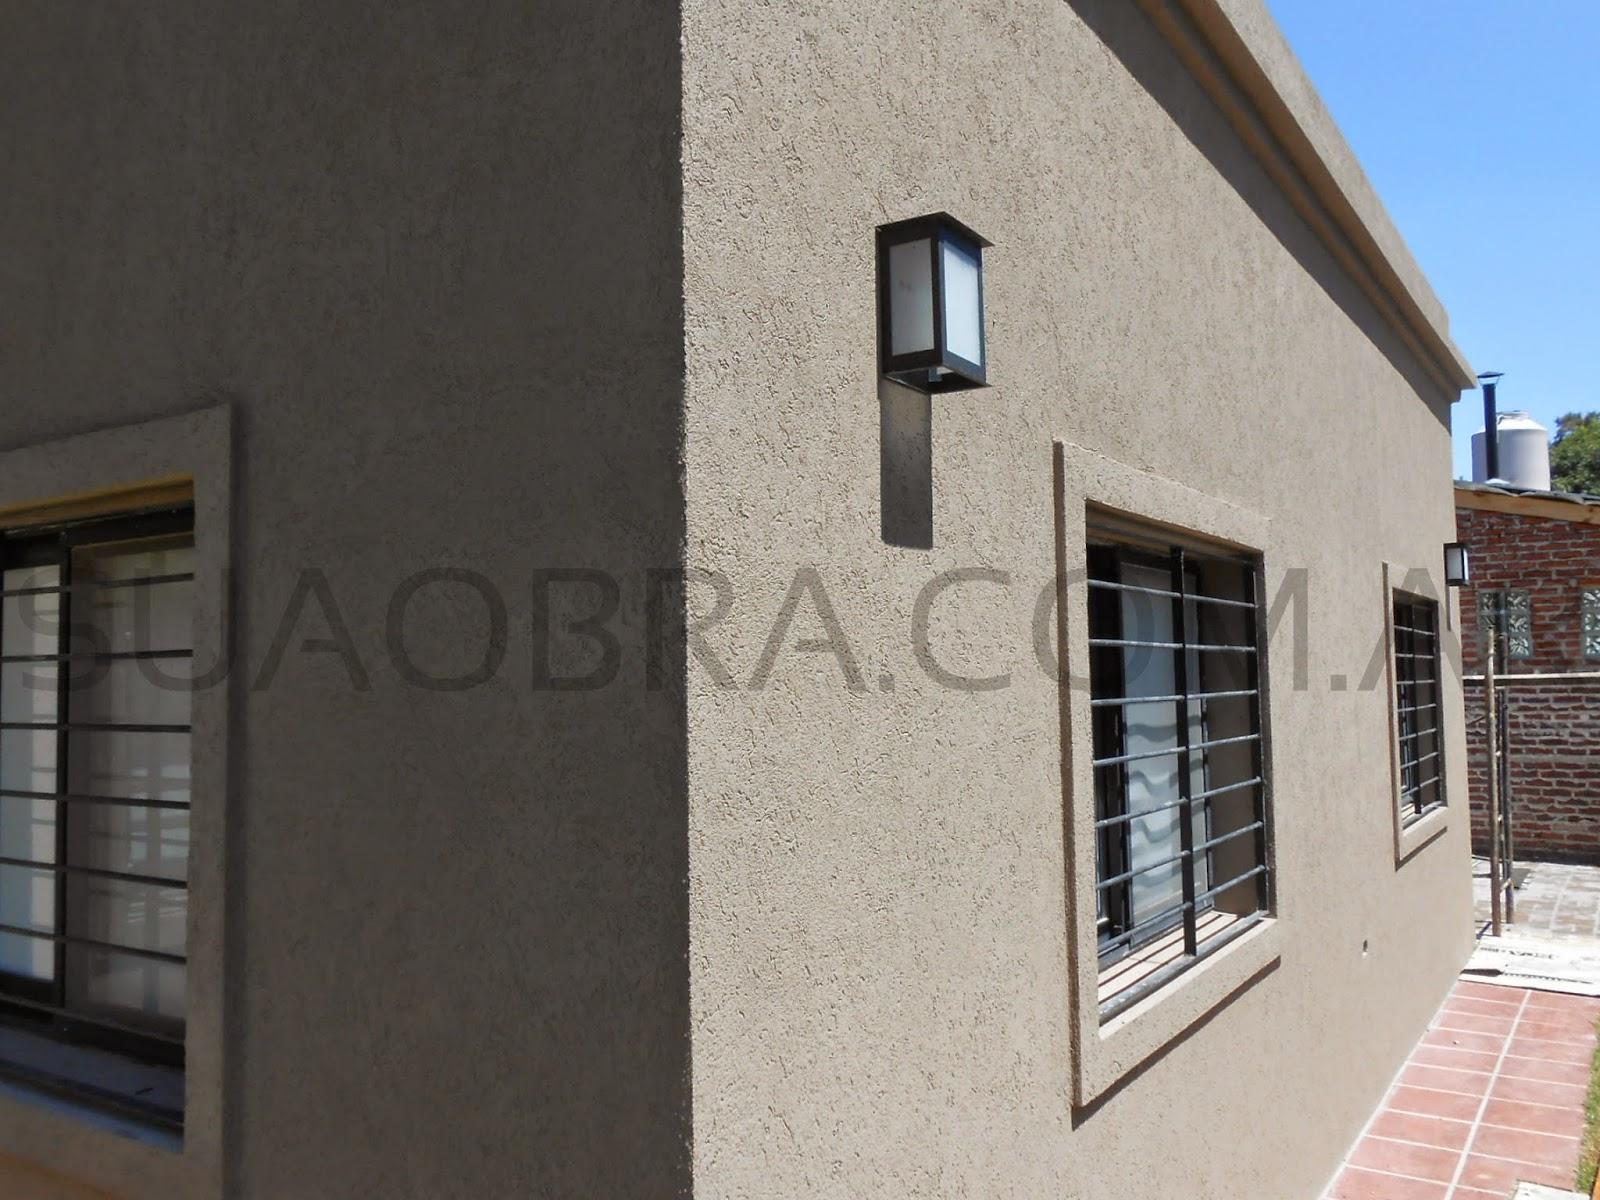 Colocacion profesional tarquini suaobra com ar - Revestimiento para paredes exteriores ...